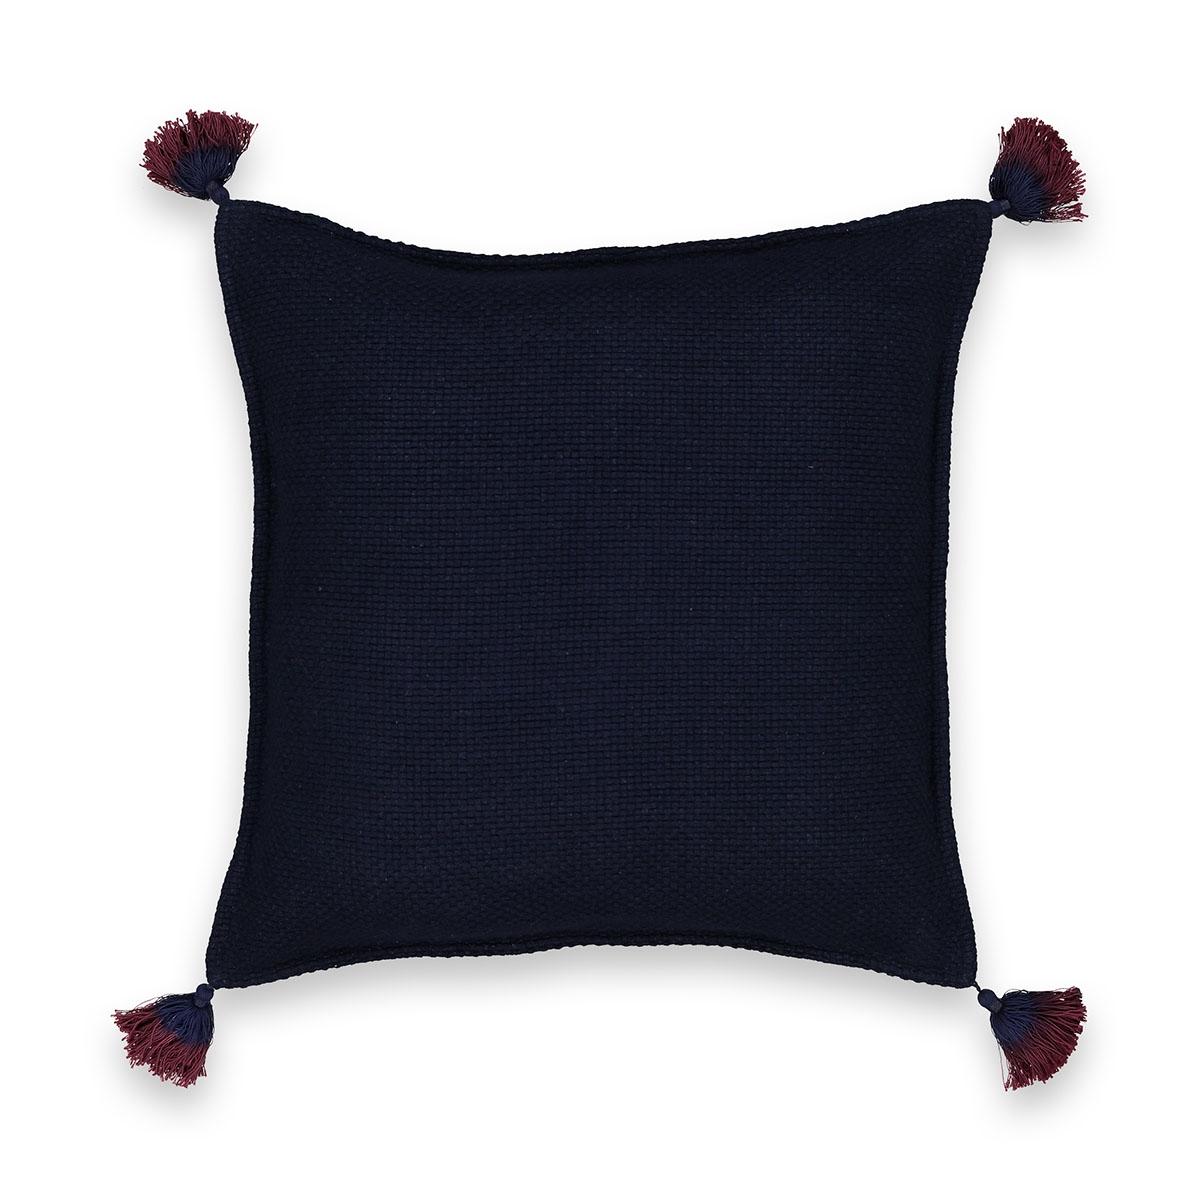 Чехол на подушку-валик, Margotin цена